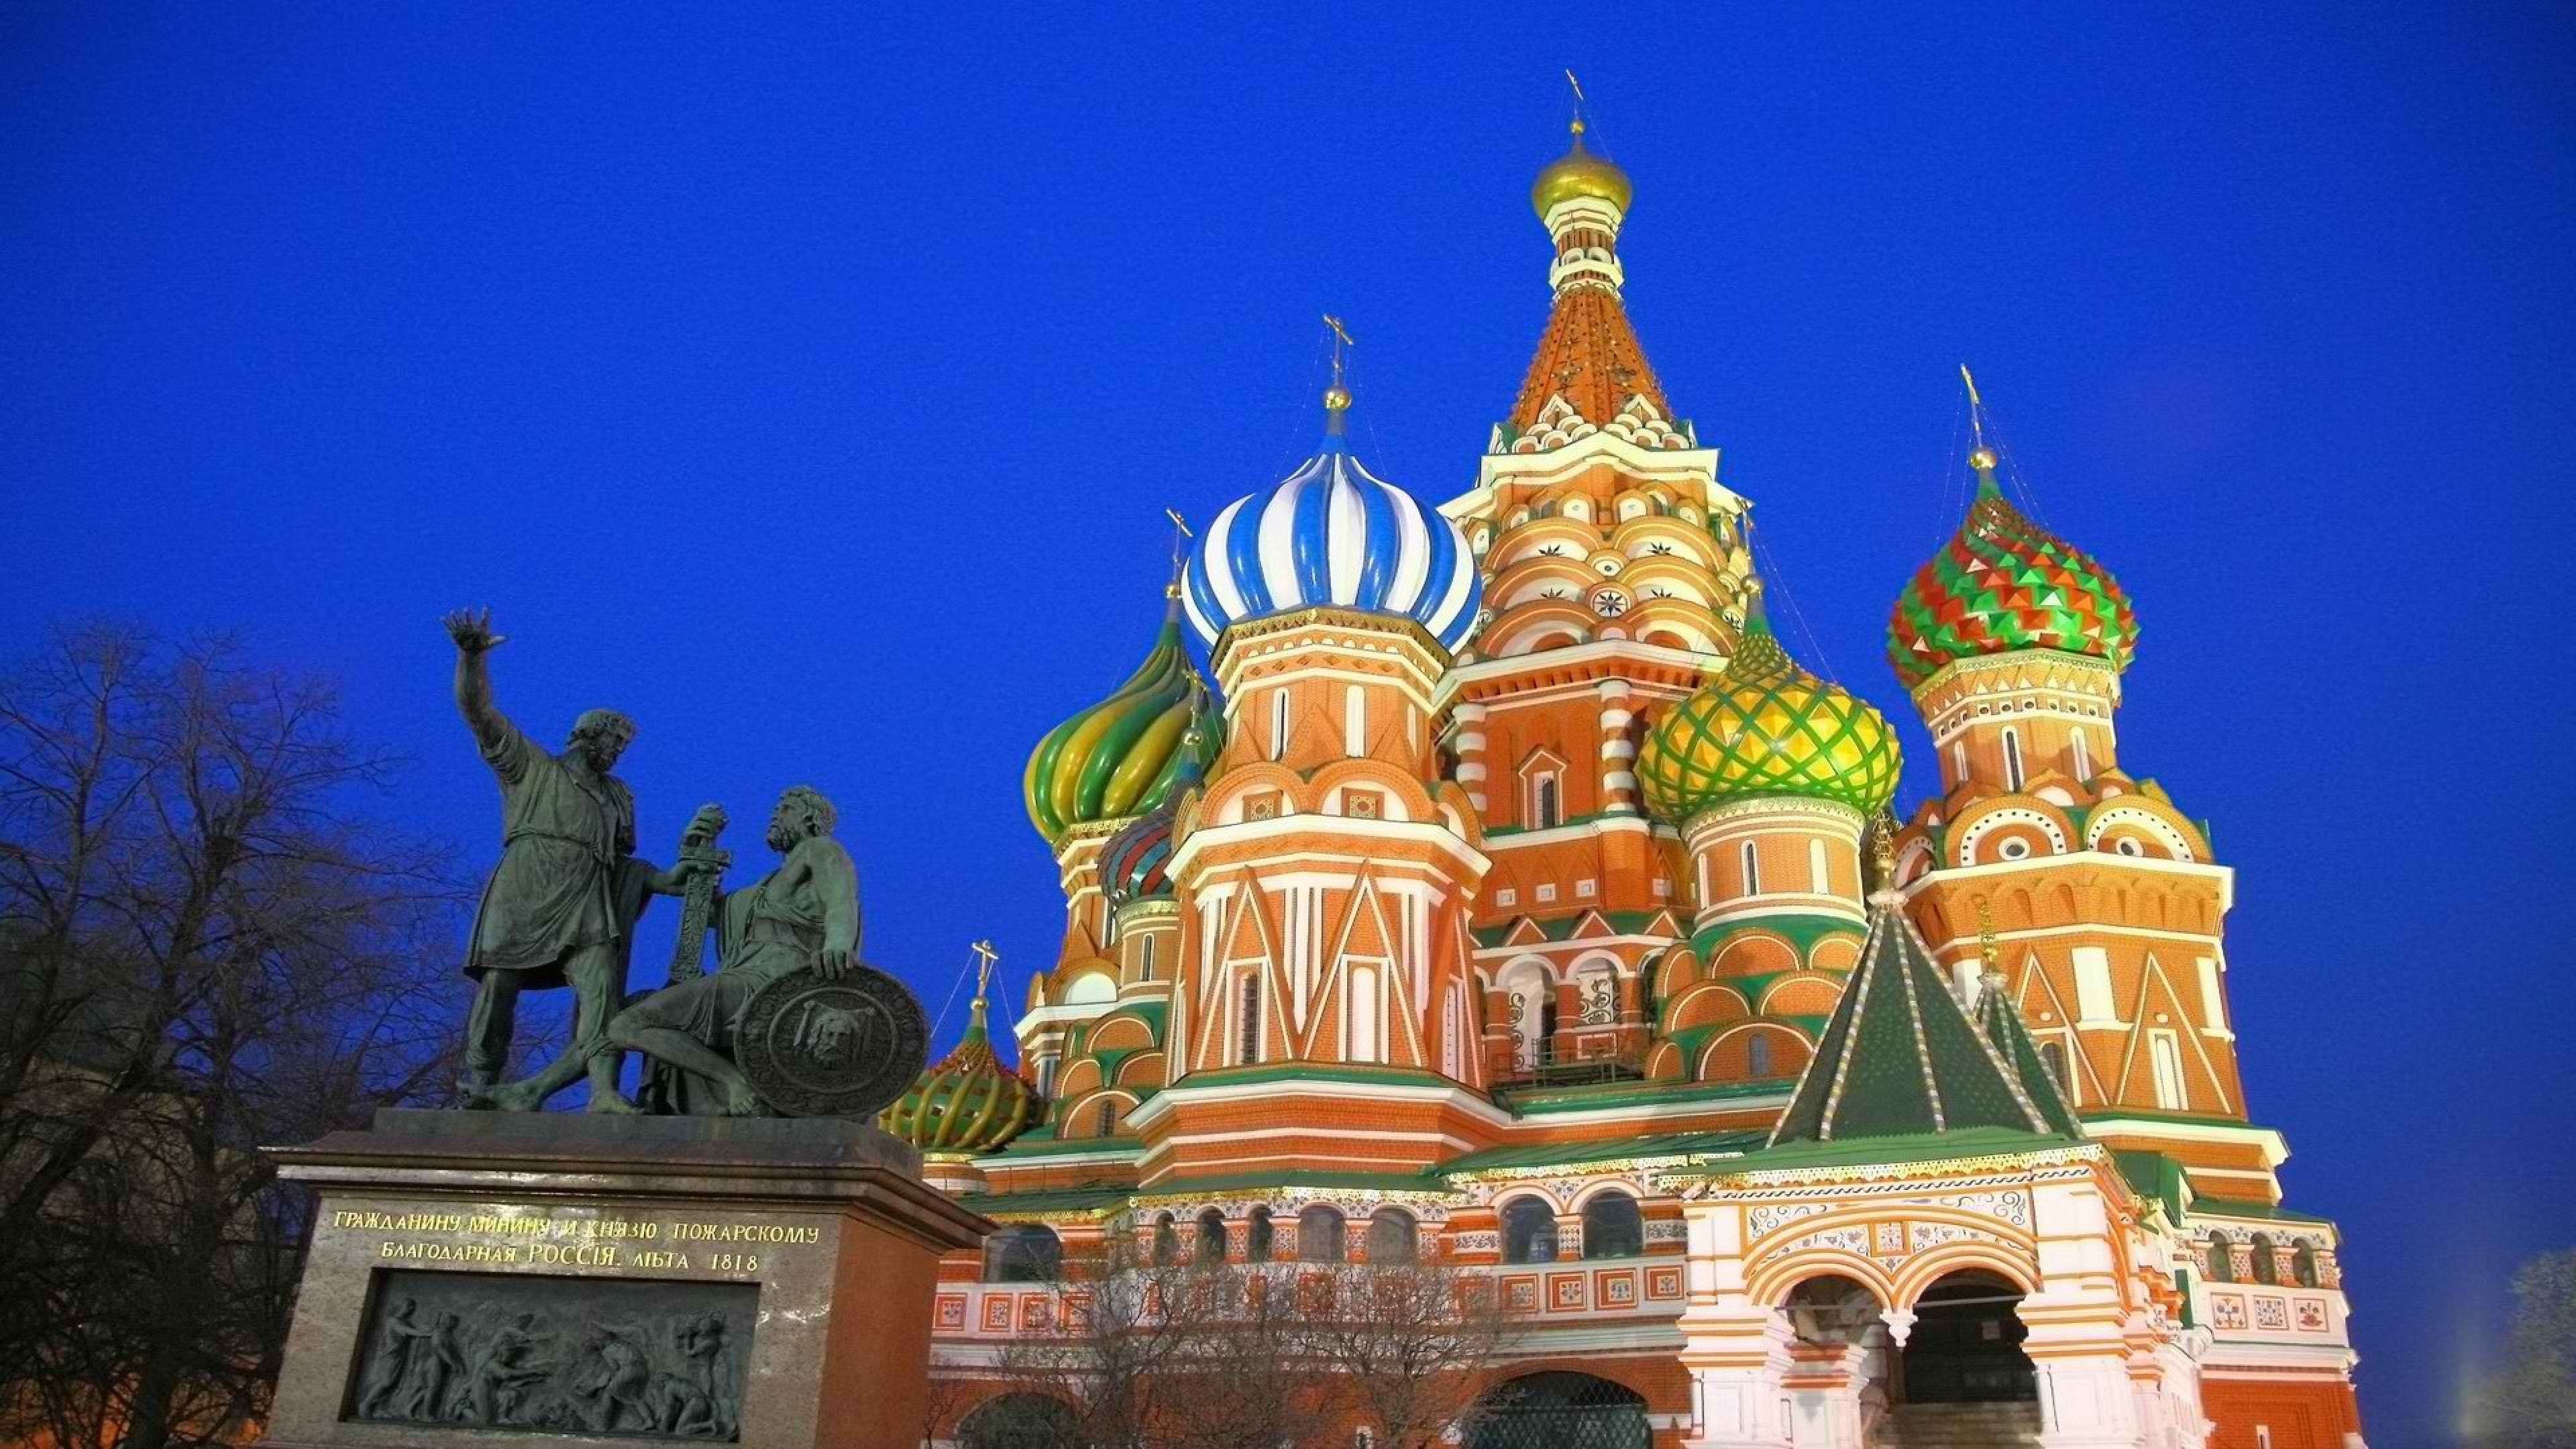 La Profecía de que Francisco será el Papa quien Consagre a Rusia